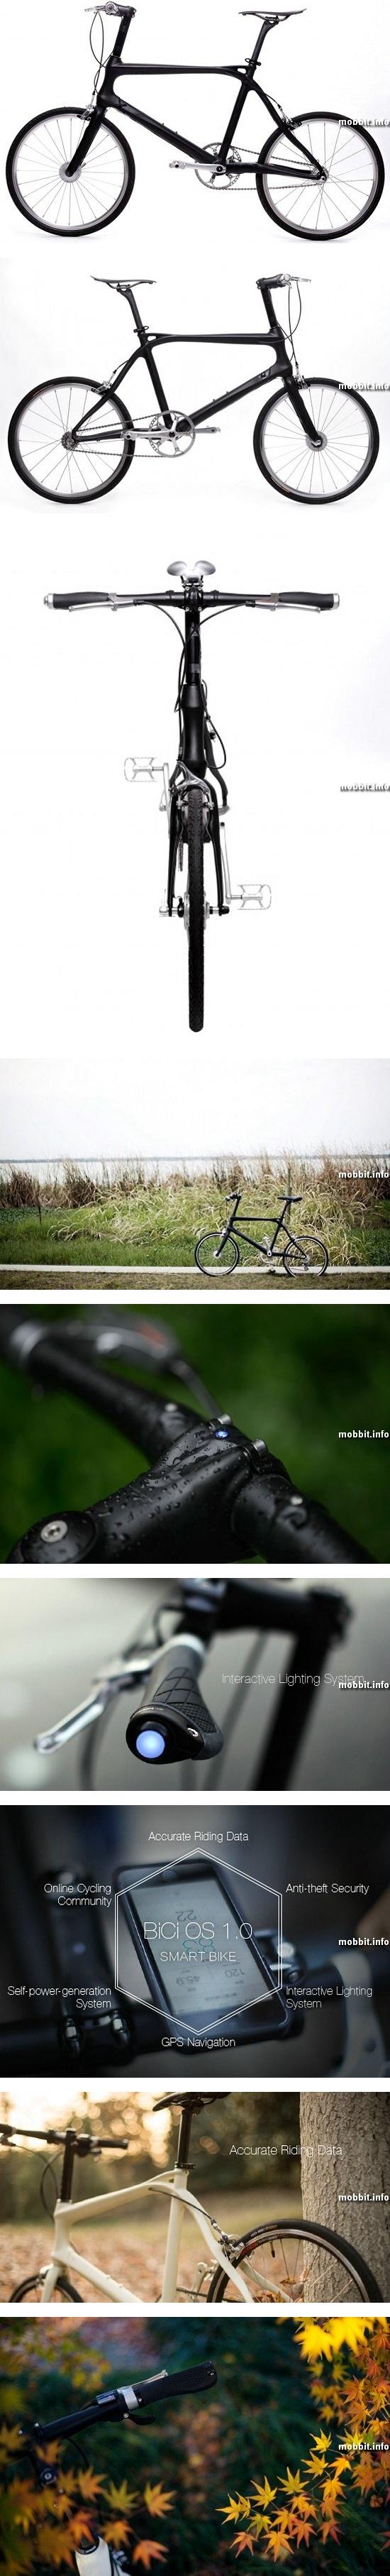 Умный велосипед 10 фото видео